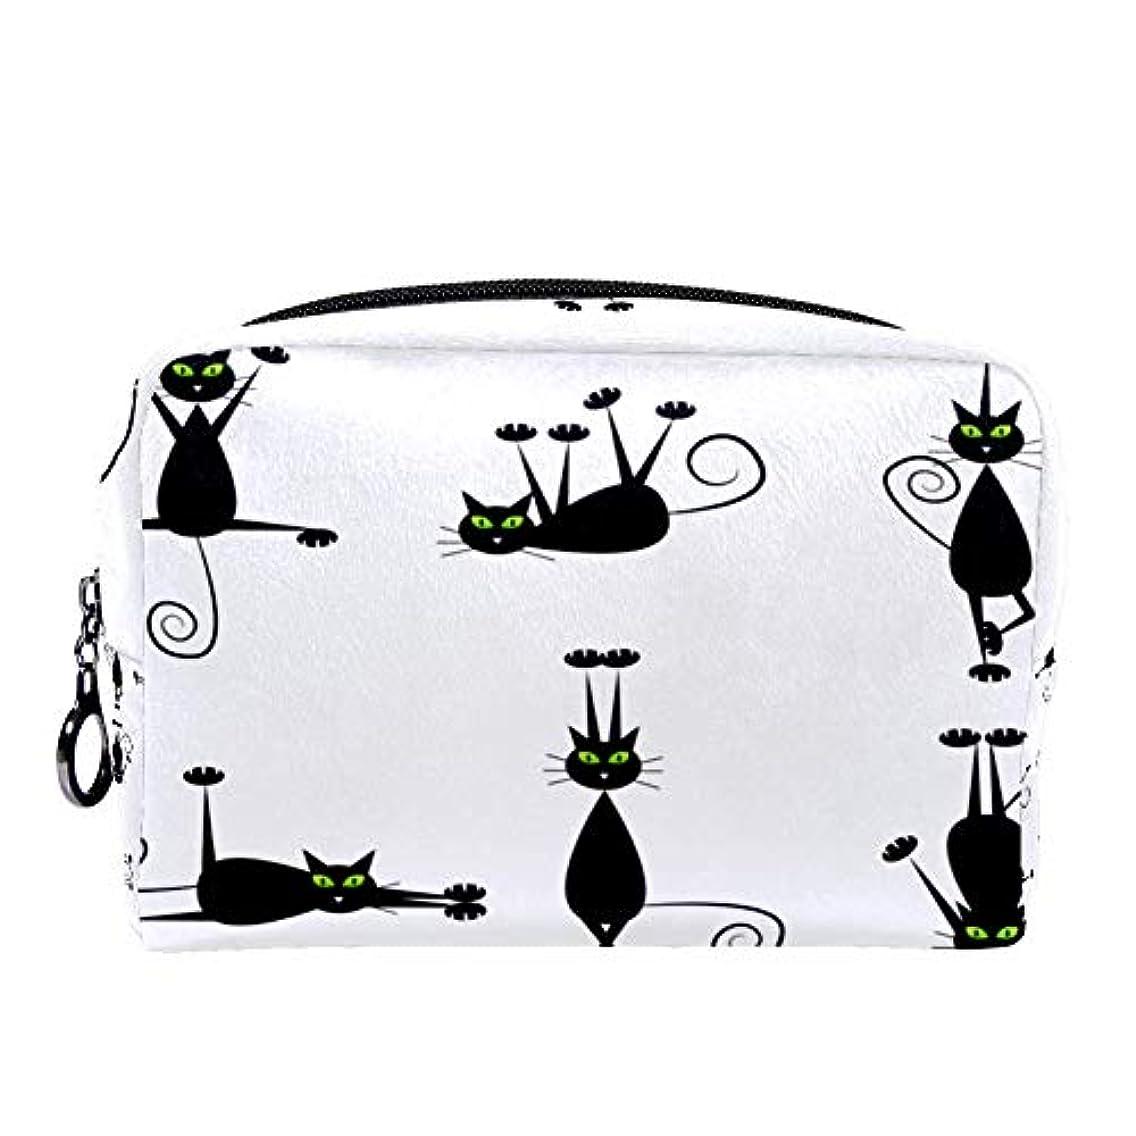 知らせる報復任命Dragon Sword 化粧ポーチ レディース 黒い 猫柄 コスメポーチ メイクポーチ 柔らかい コンパクト 軽量 化粧品収納 小物ポーチ出張 旅行 持ち運び便利